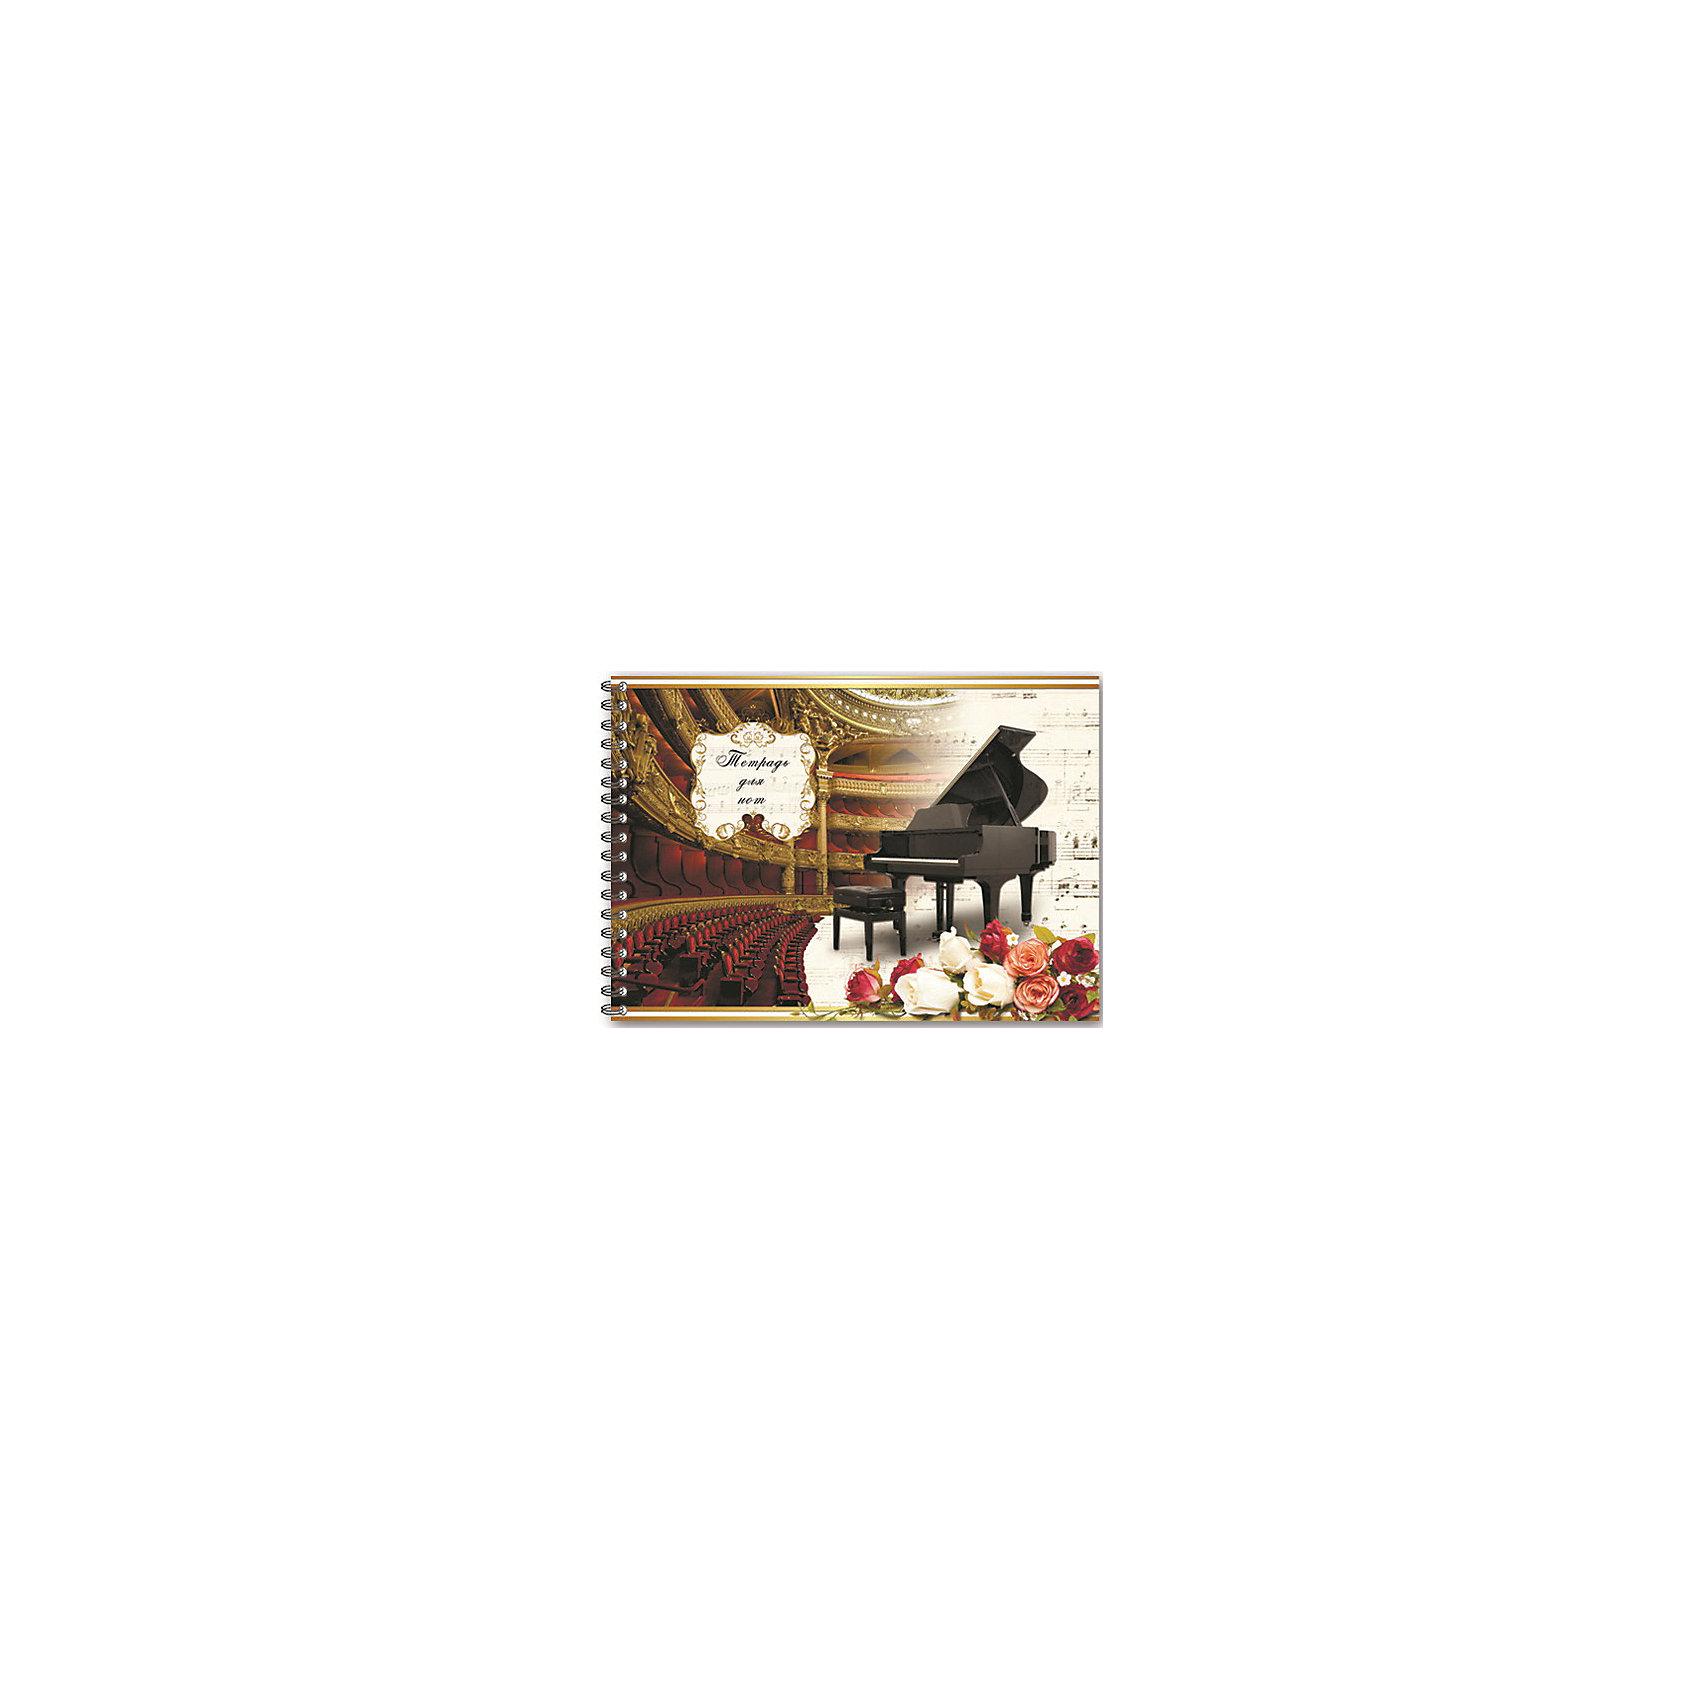 Тетрадь для нот Рояль в залеТетрадь для нот в яркой, привлекательной обложке обязательно порадует юного музыканта. Тетрадь имеет плотные белые листы, обложку из мелованного картона и удобный формат. Работать в ней - одно удовольствие!<br><br>Дополнительная информация:<br><br>- Формат: А4.<br>- Количество листов: 48.<br>- Обложка: мелованный картон. <br>- Крепление: гребень.  <br><br>Тетрадь для нот Рояль в зале можно купить в нашем магазине.<br><br>Ширина мм: 300<br>Глубина мм: 210<br>Высота мм: 5<br>Вес г: 235<br>Возраст от месяцев: 72<br>Возраст до месяцев: 168<br>Пол: Унисекс<br>Возраст: Детский<br>SKU: 4821661